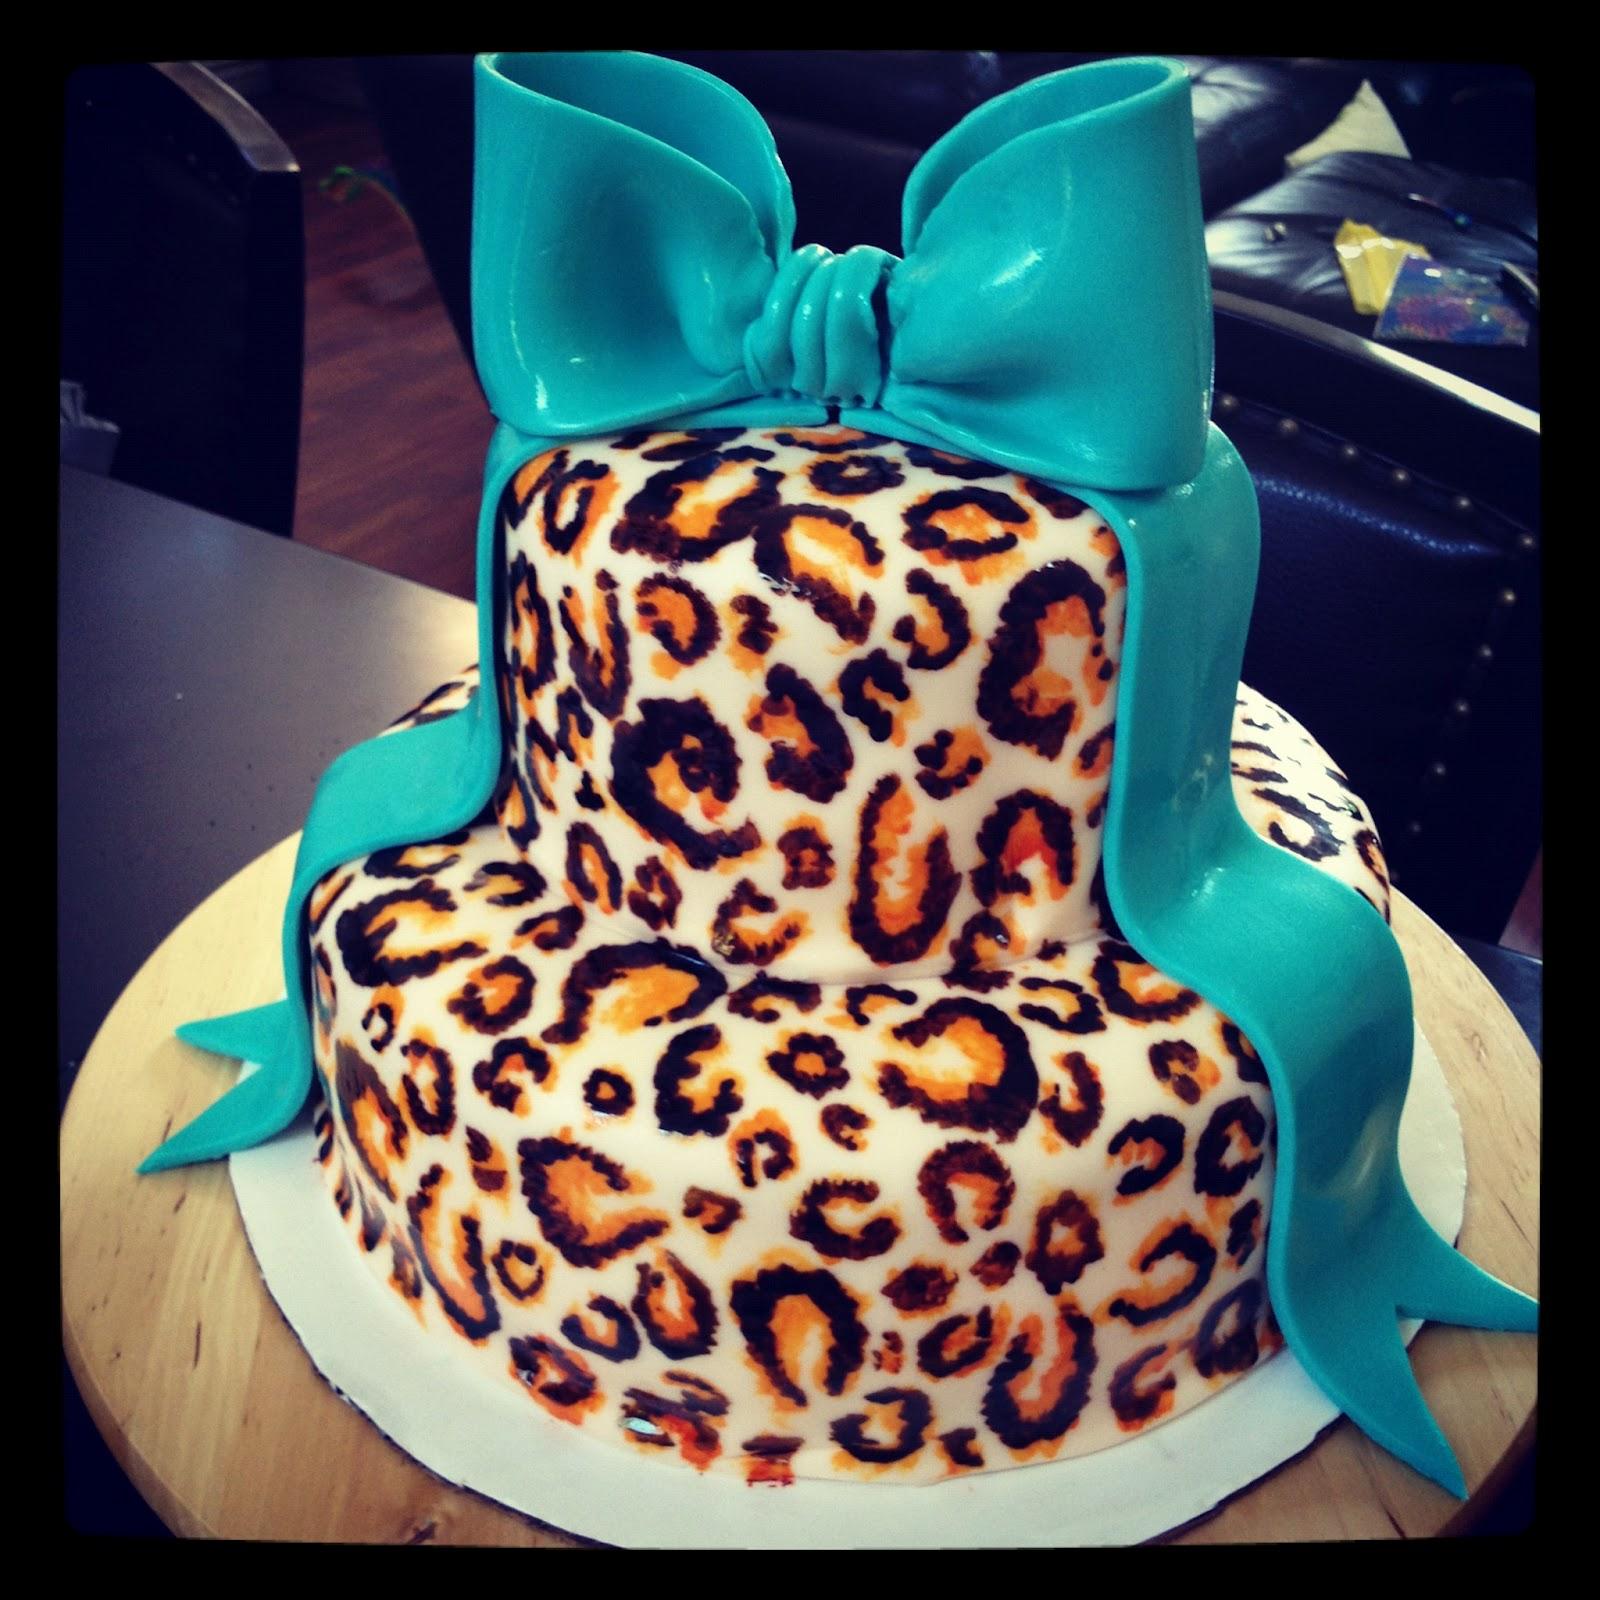 Cheetah Birthday Cakes for Girls